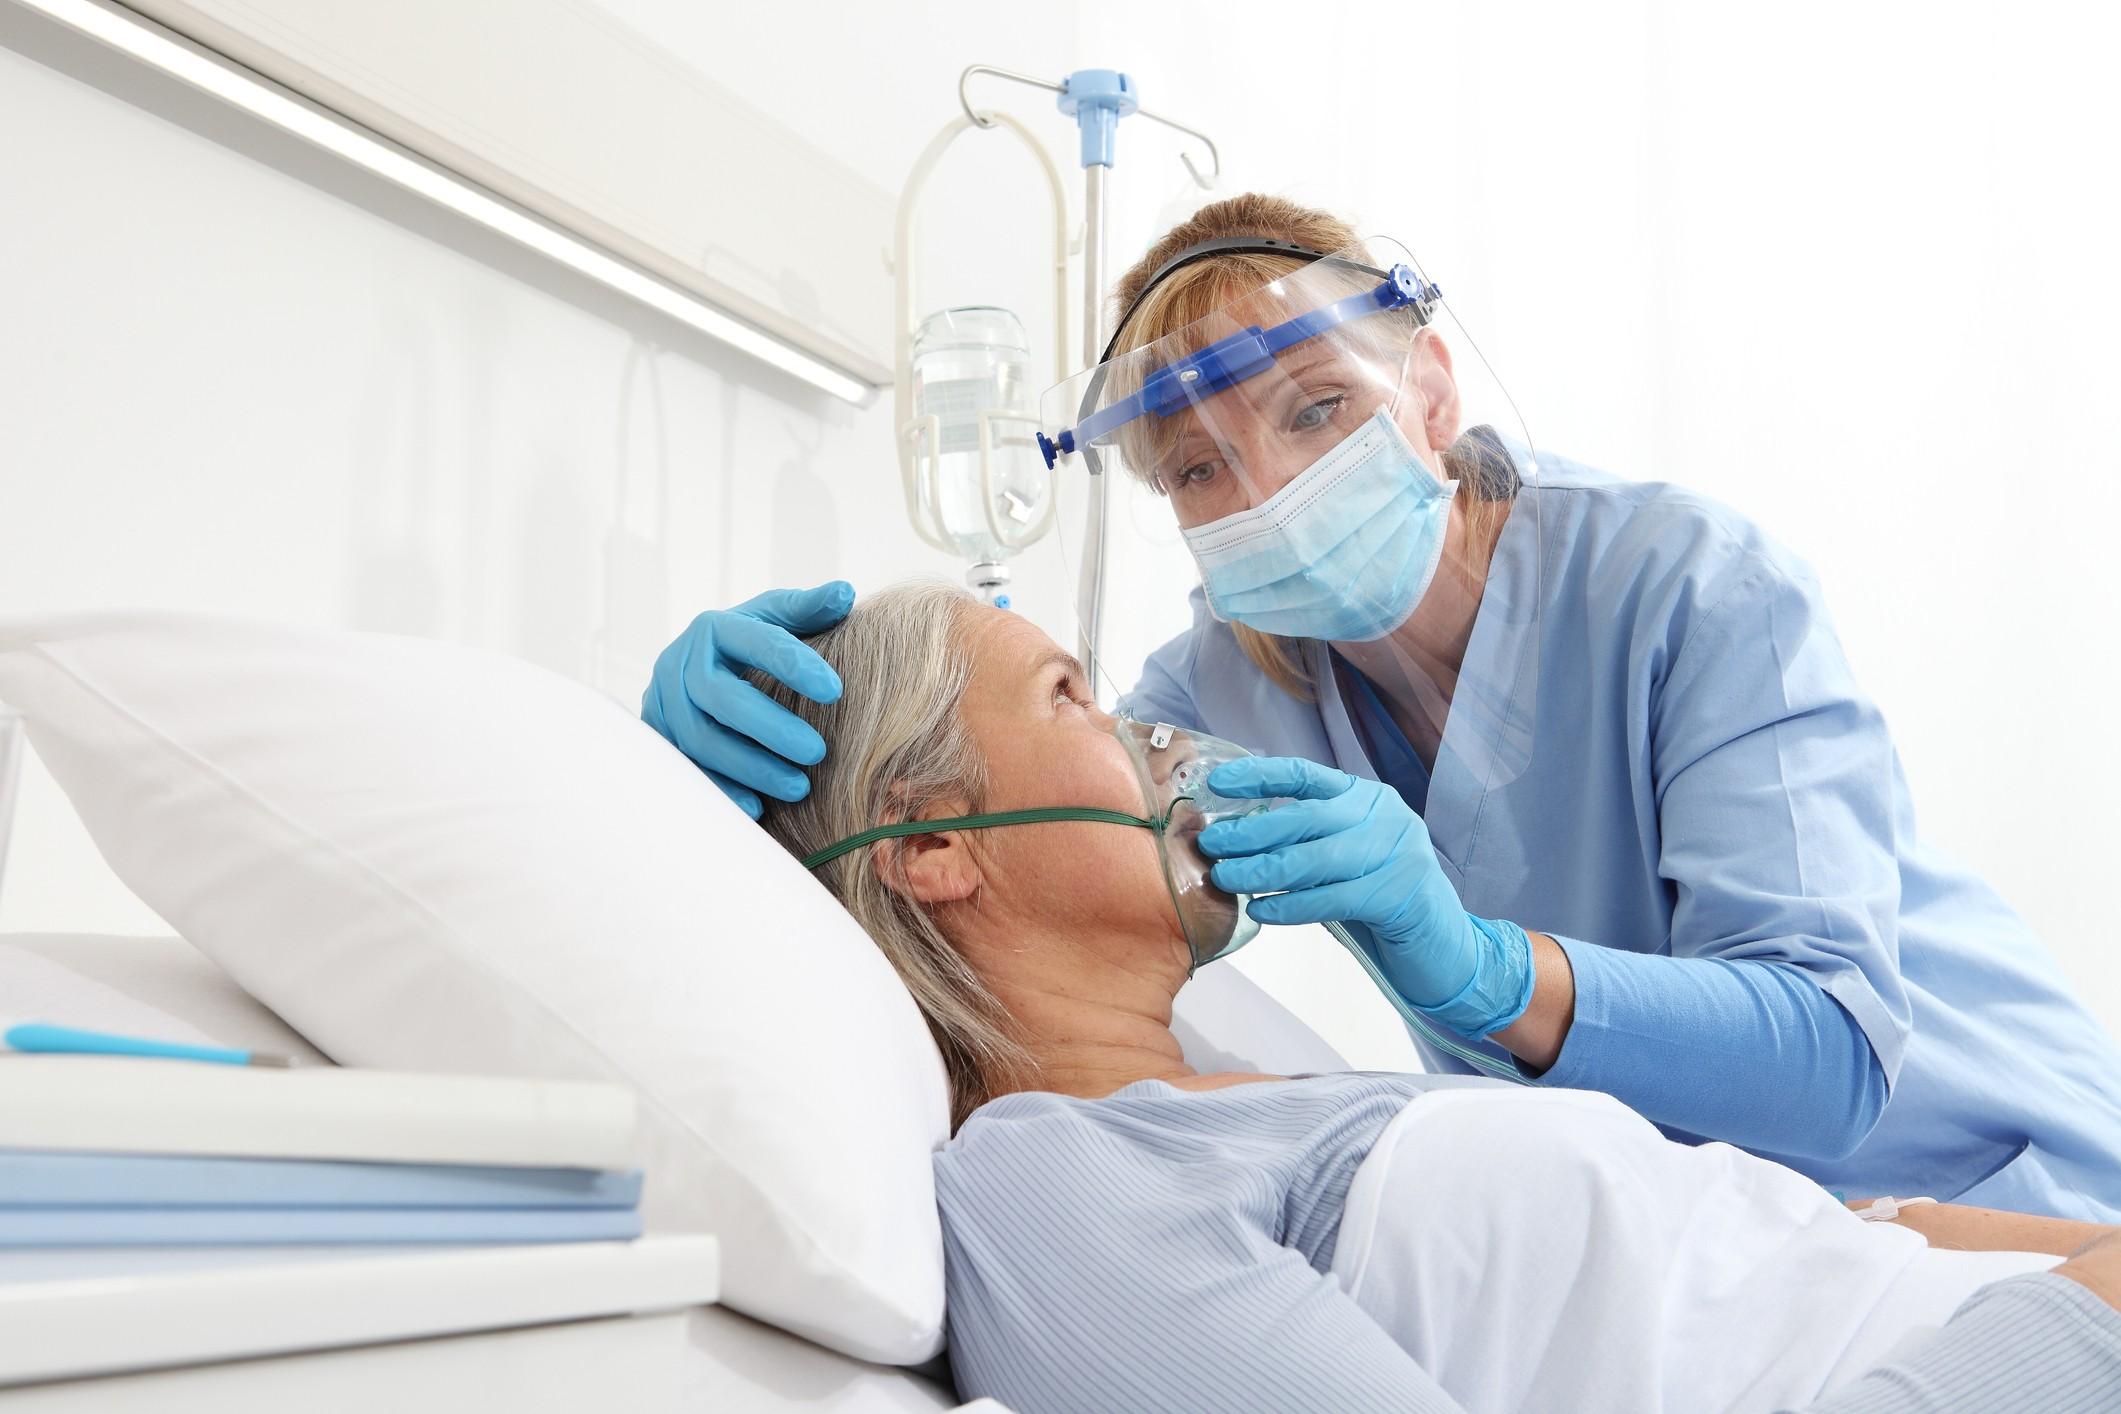 Fisioterapia e pandemia: entenda a recuperação de quem teve Covid-19